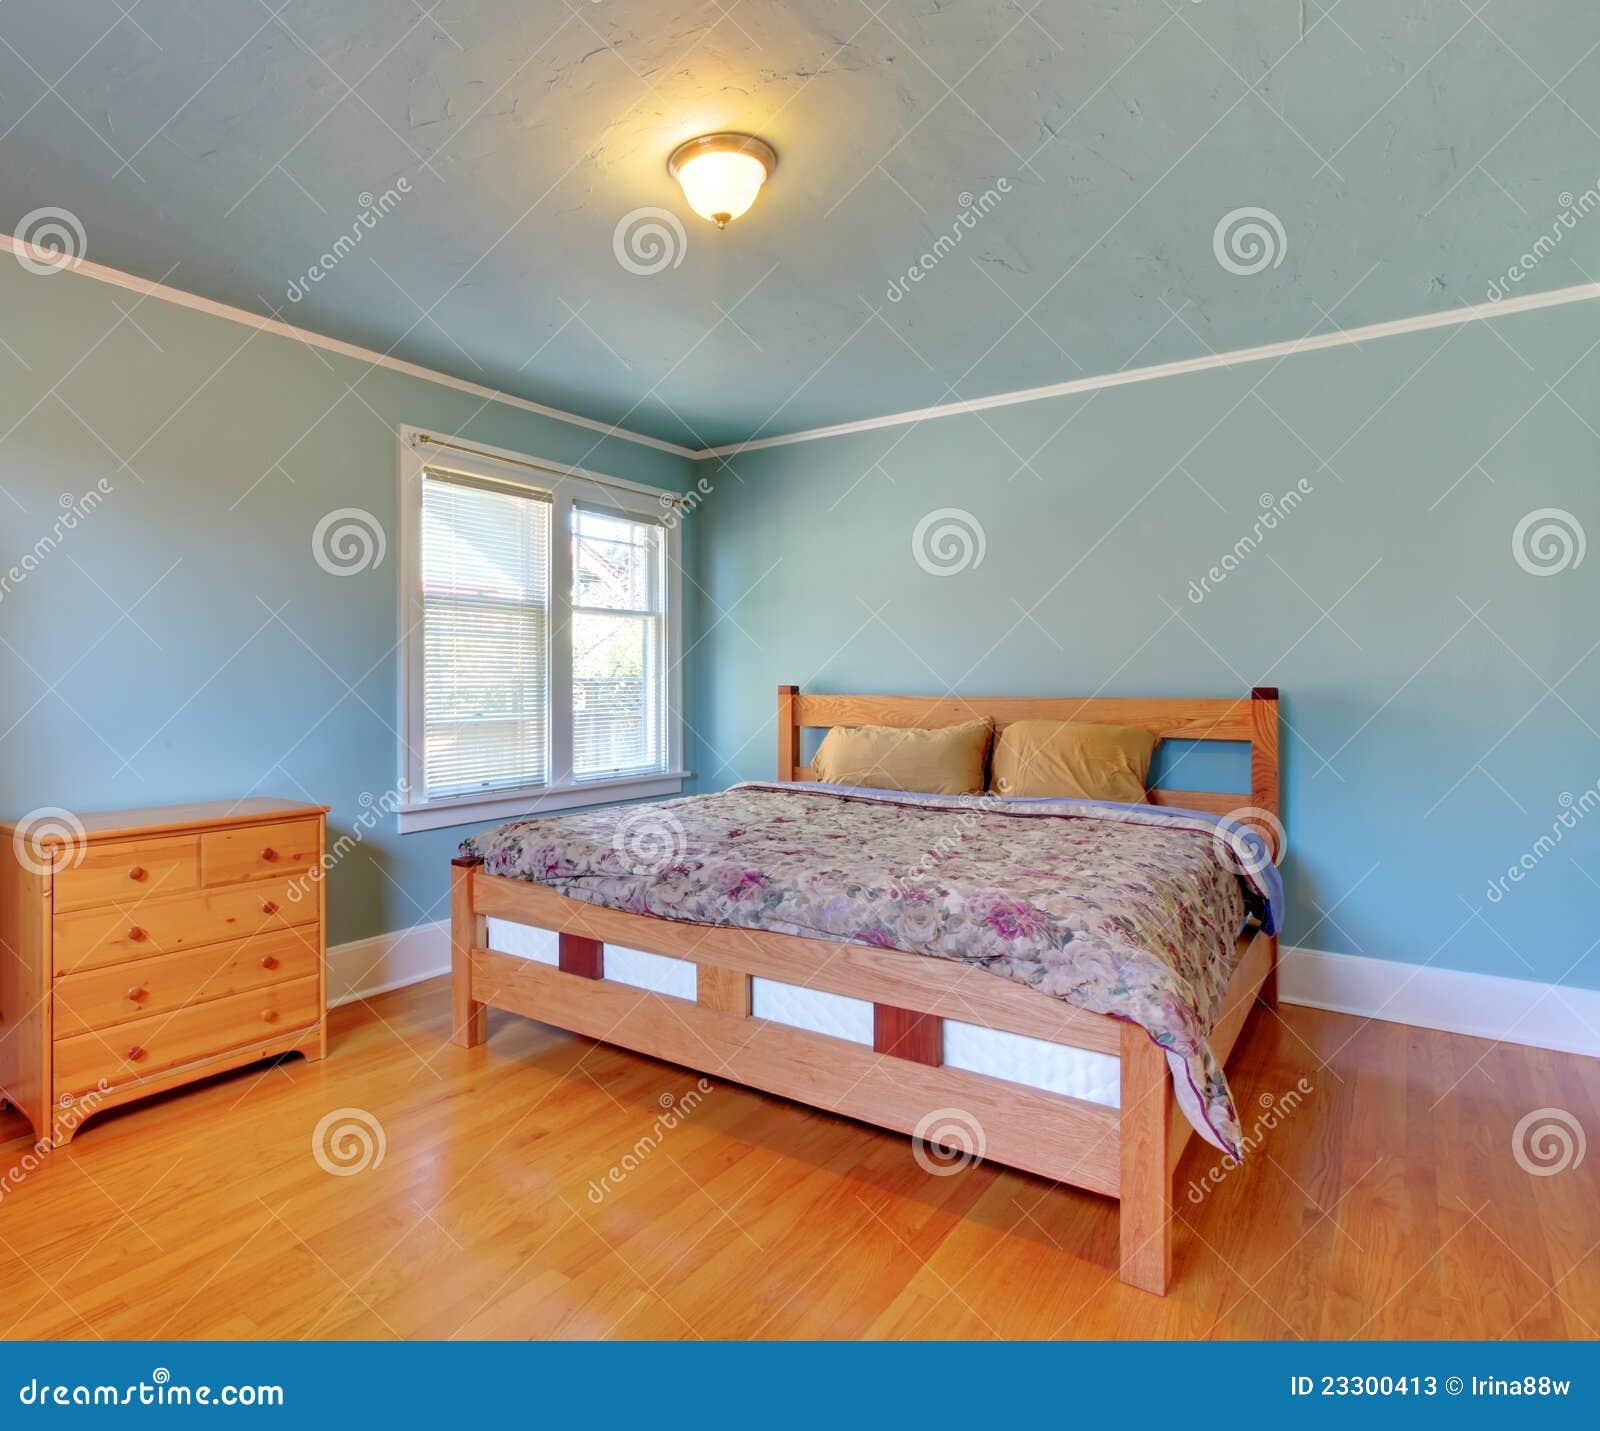 Blauwe slaapkamer met eiken vloer en groot bed stock foto for Slaapkamer bed